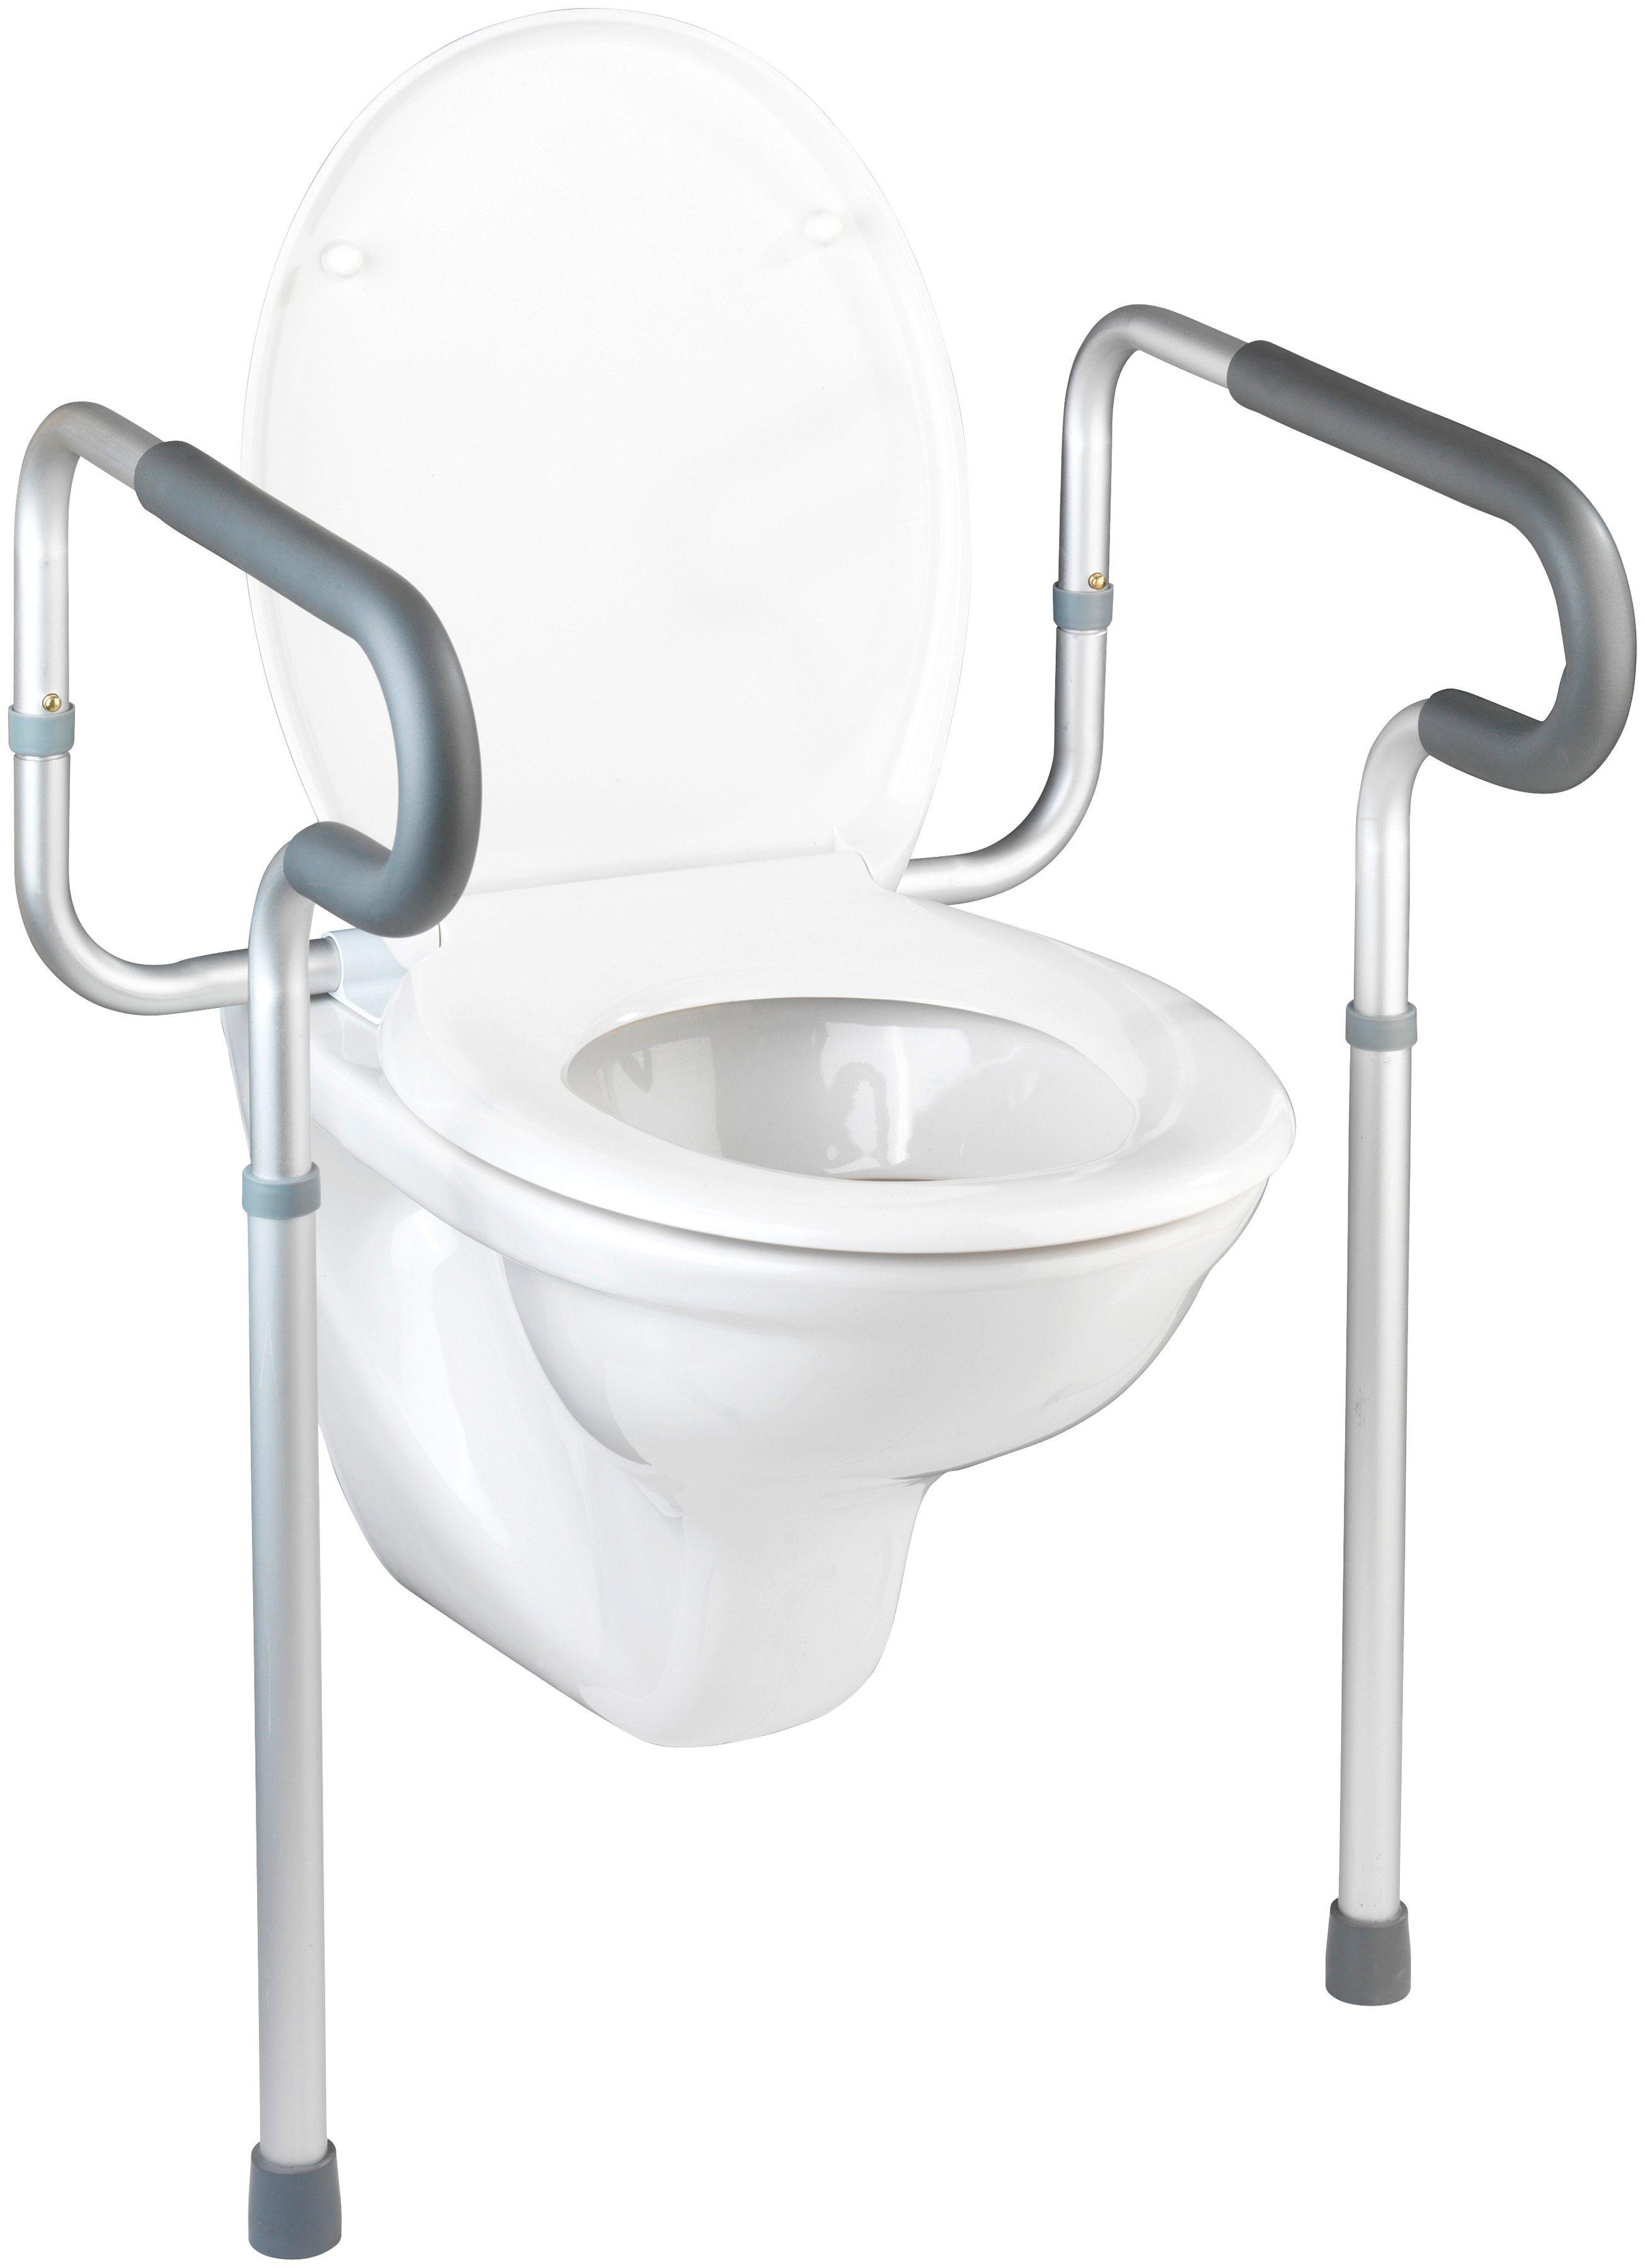 Wenko Haltegriff »Secura WC-Stützhilfe« | Bad > Bad-Accessoires > Haltegriffe | WENKO